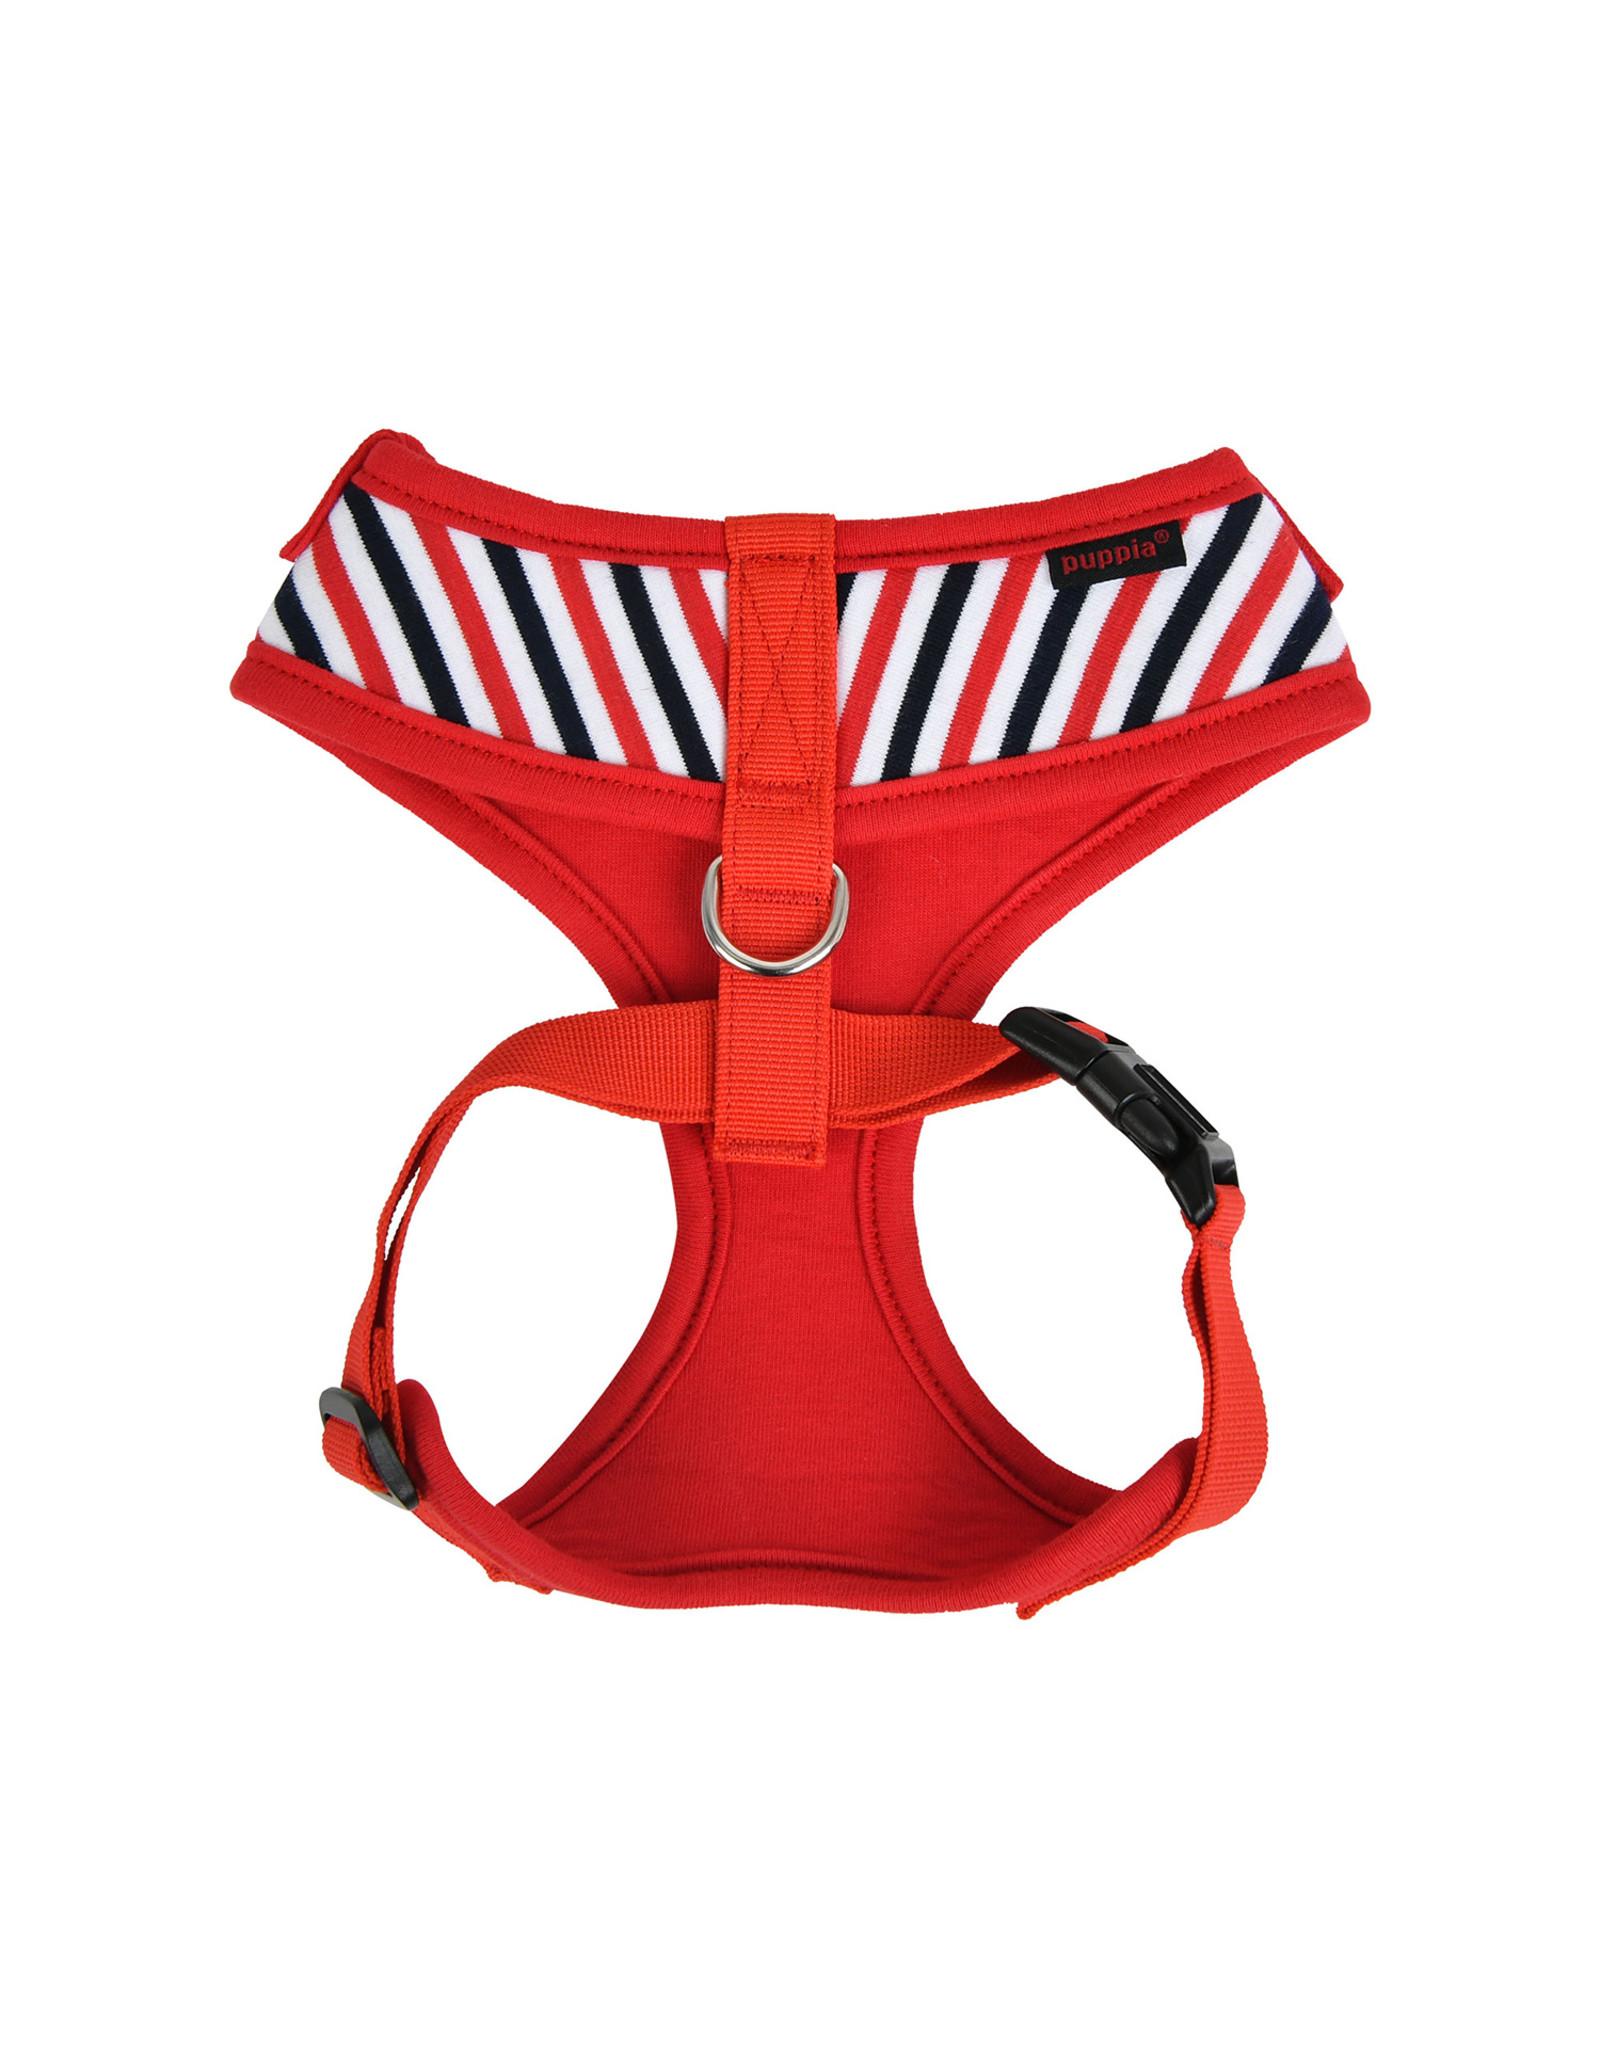 Puppia Puppia Seaman Harness Model A Red